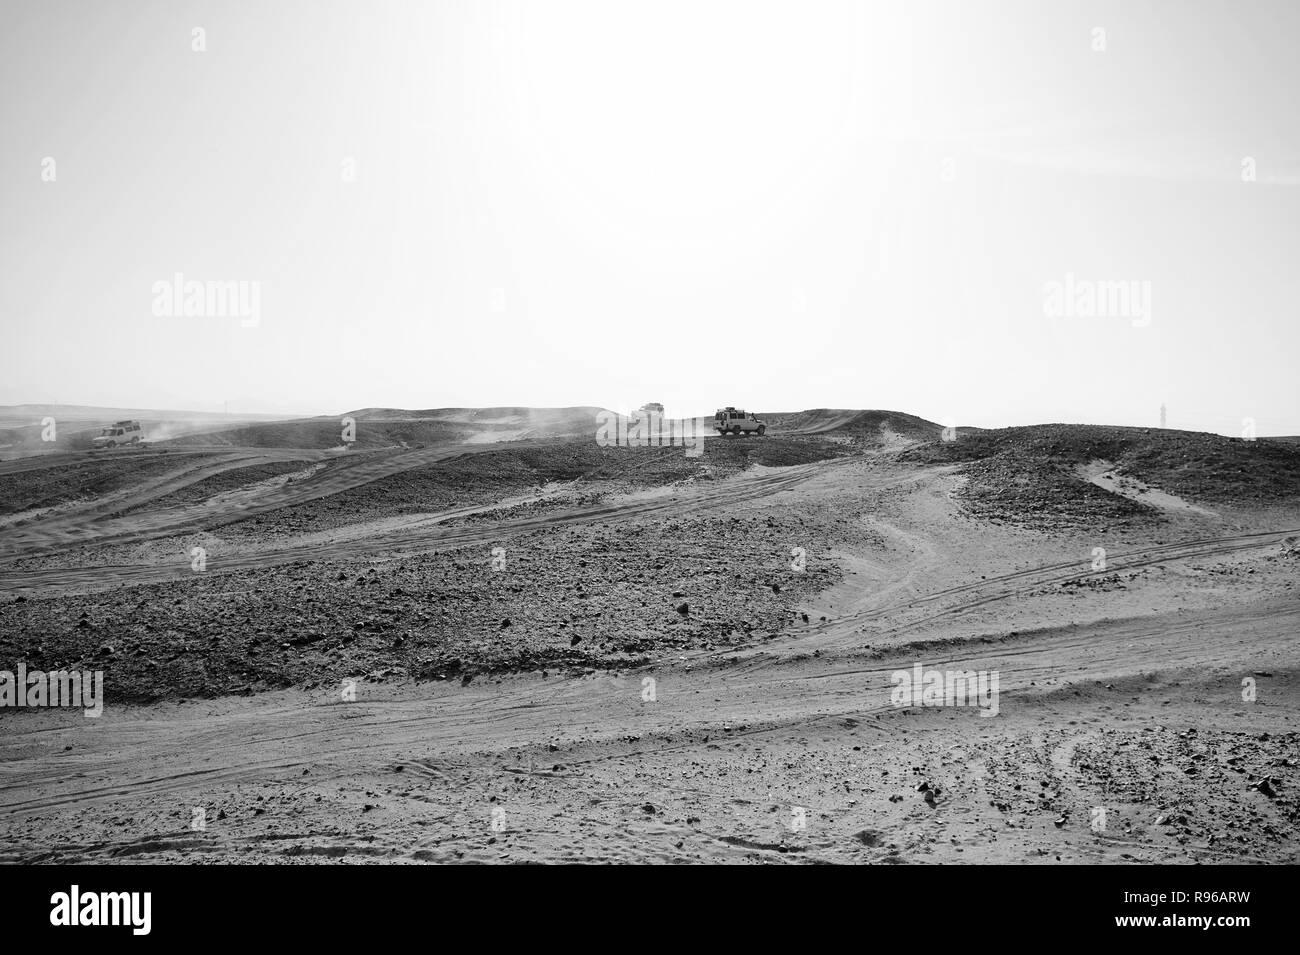 Location de surmonter les obstacles de dunes de sable. Course défi concours désert. Voiture conduit le tout-terrain avec des nuages de poussière. Véhicule hors route course obstacles dans désert. Désert sans fin. Course en désert de sable. Photo Stock